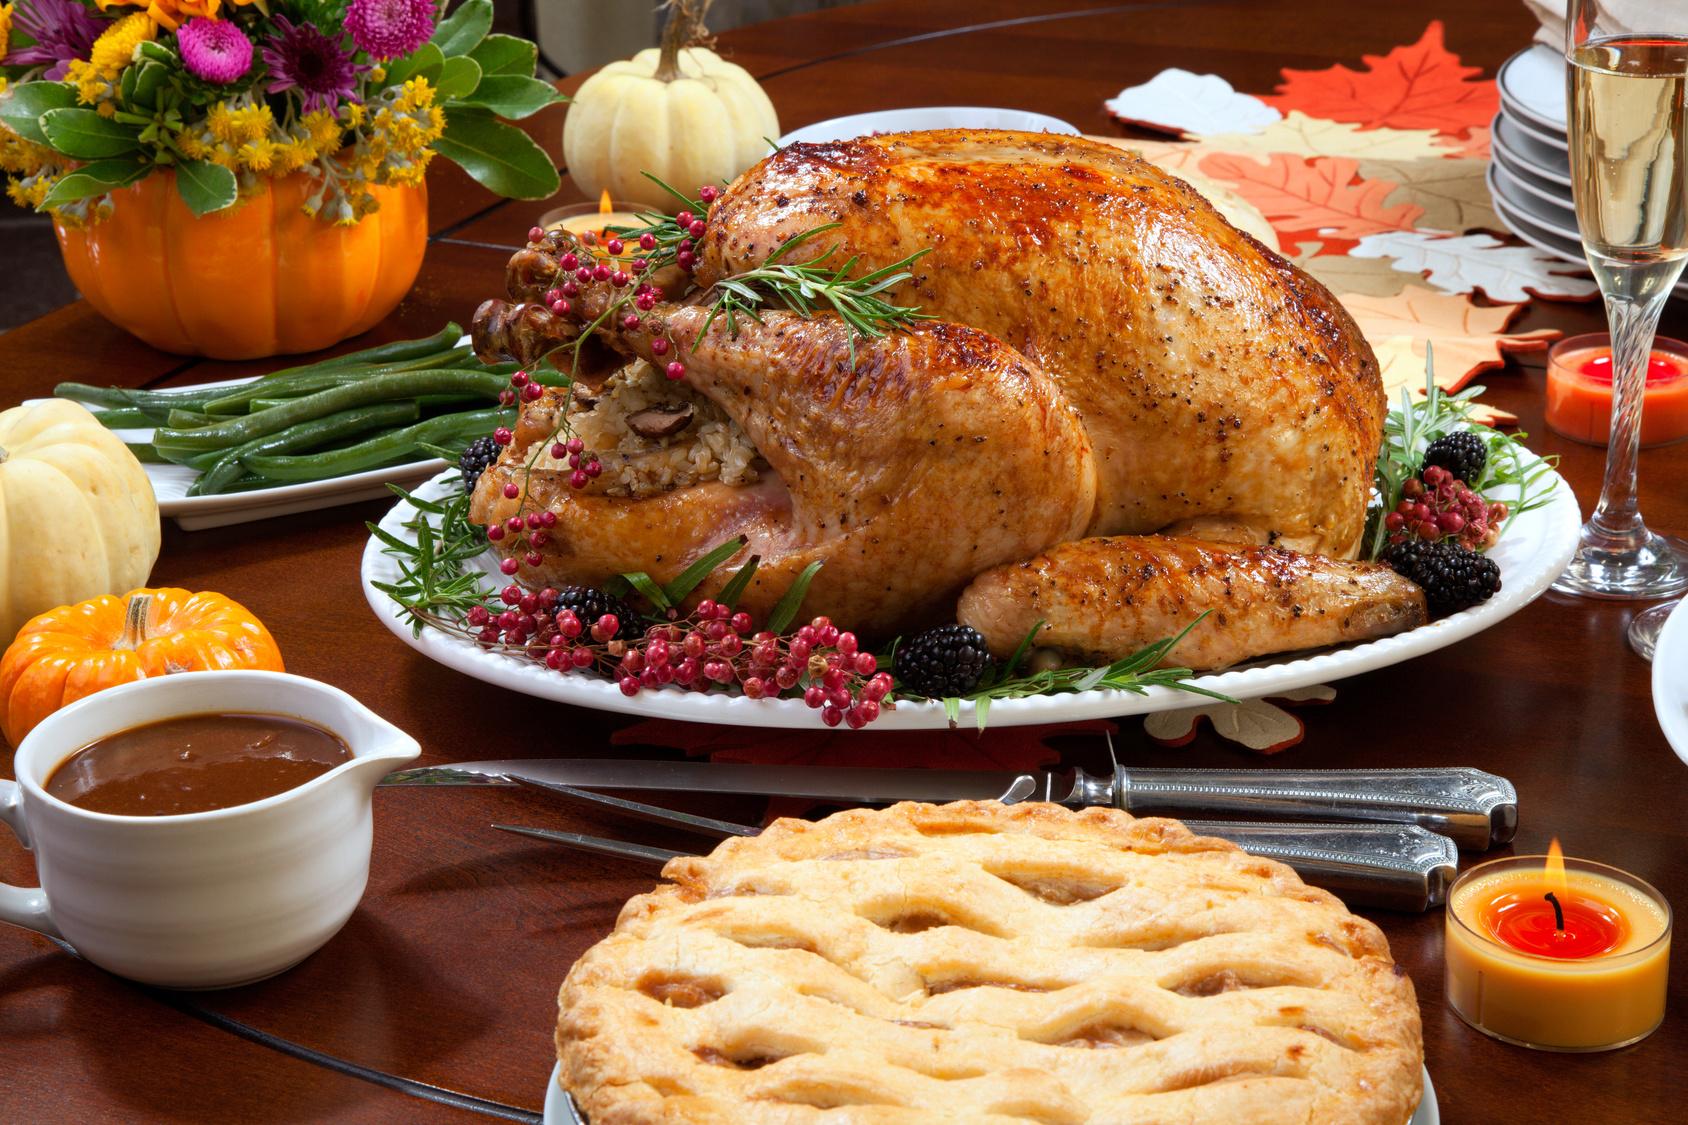 Thanksgiving-Dinner-Food-Turkey-Pie